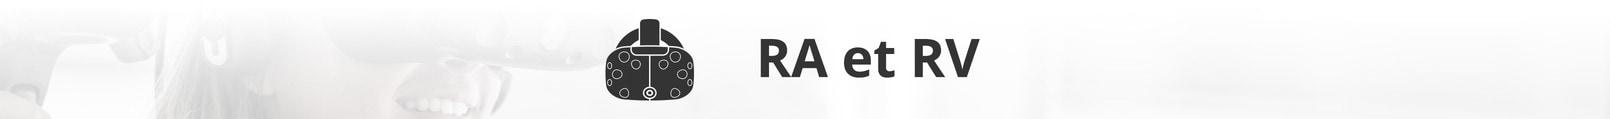 RA et RV